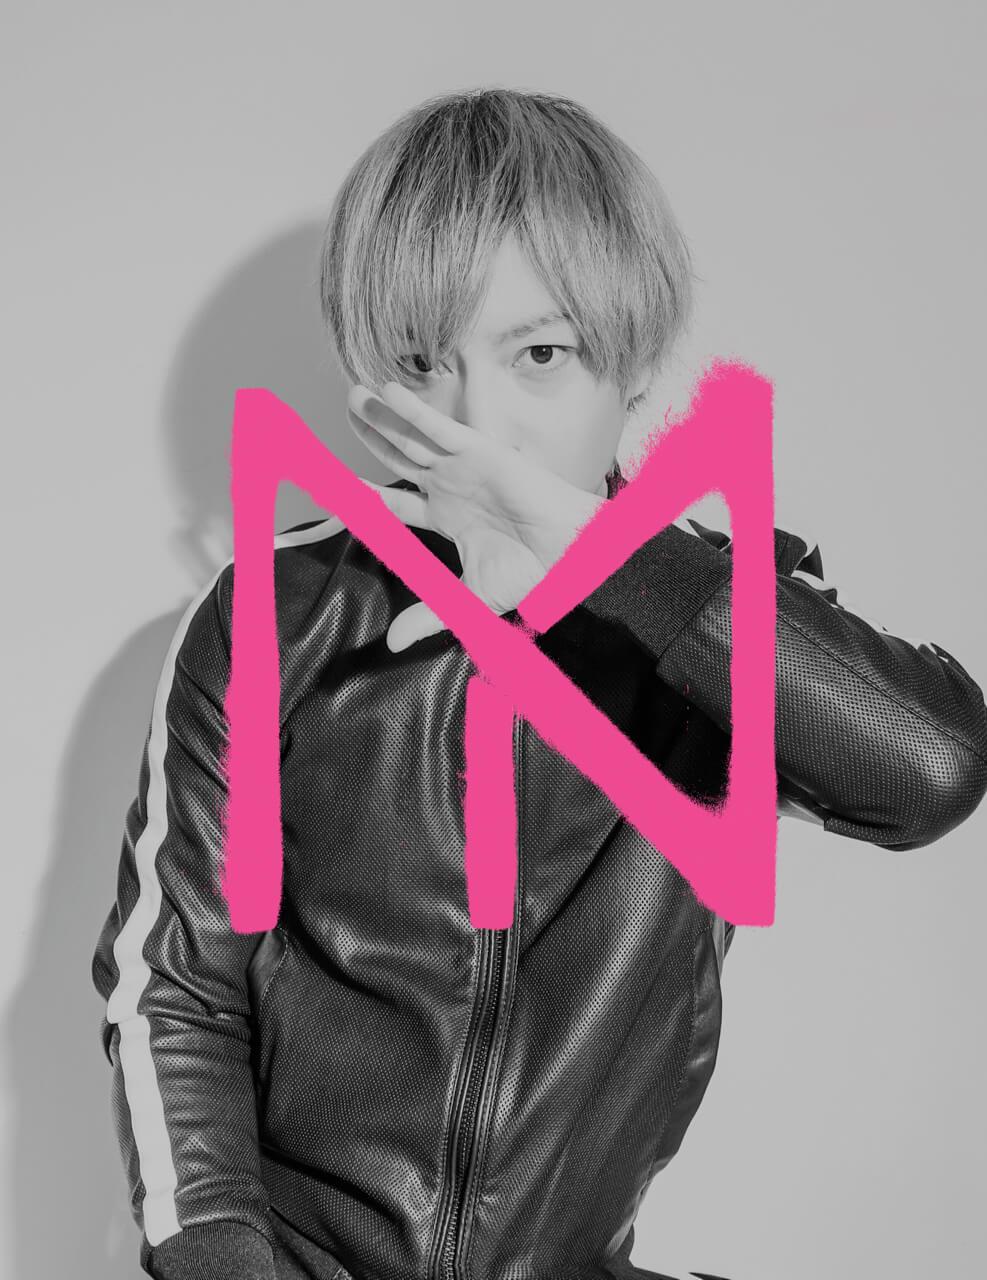 中田康貴 新專輯中的「White Cube」MV宣傳影片公開 中田康貴、